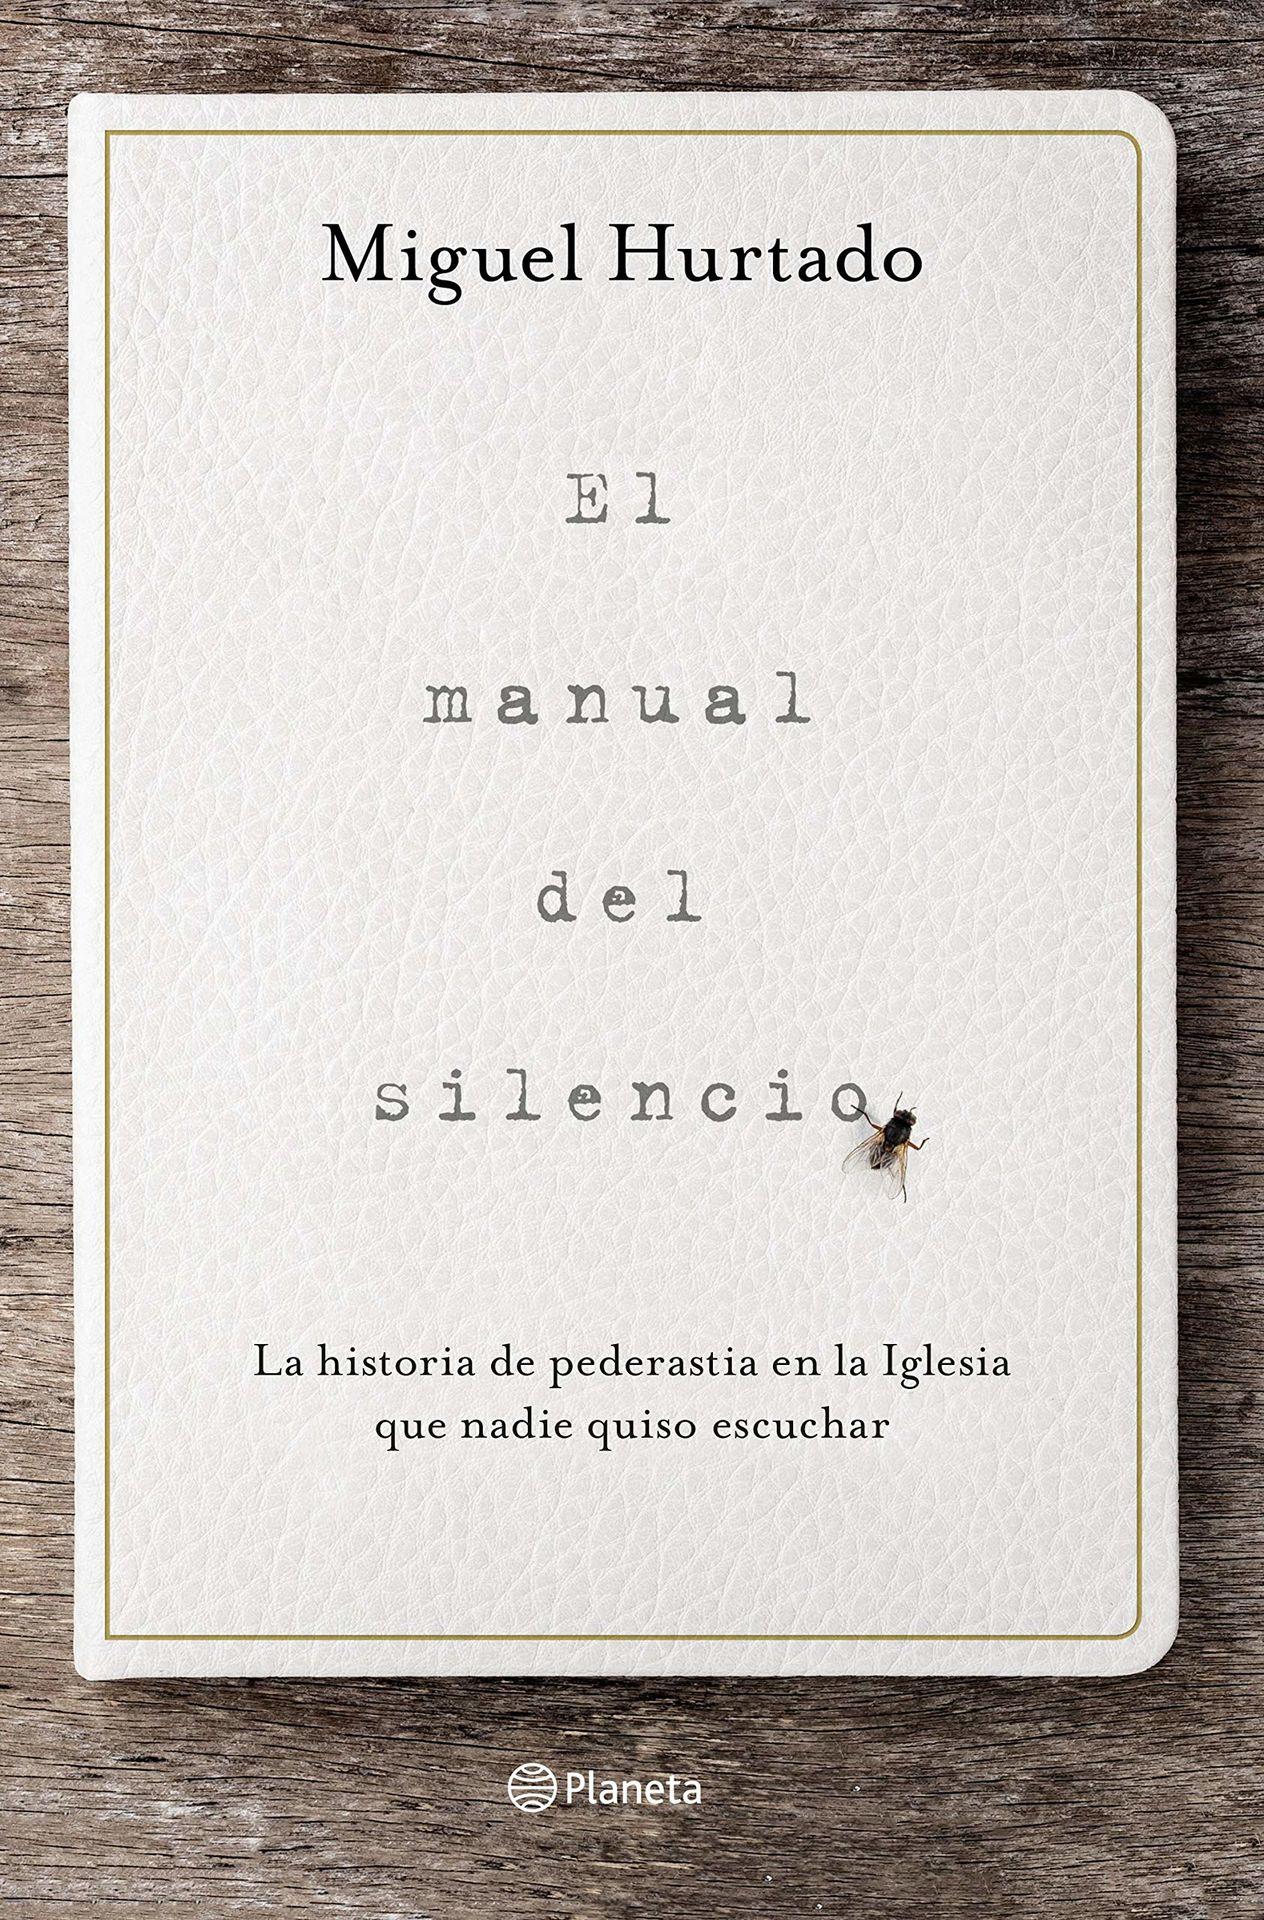 el-manual-del-silencio.jpg